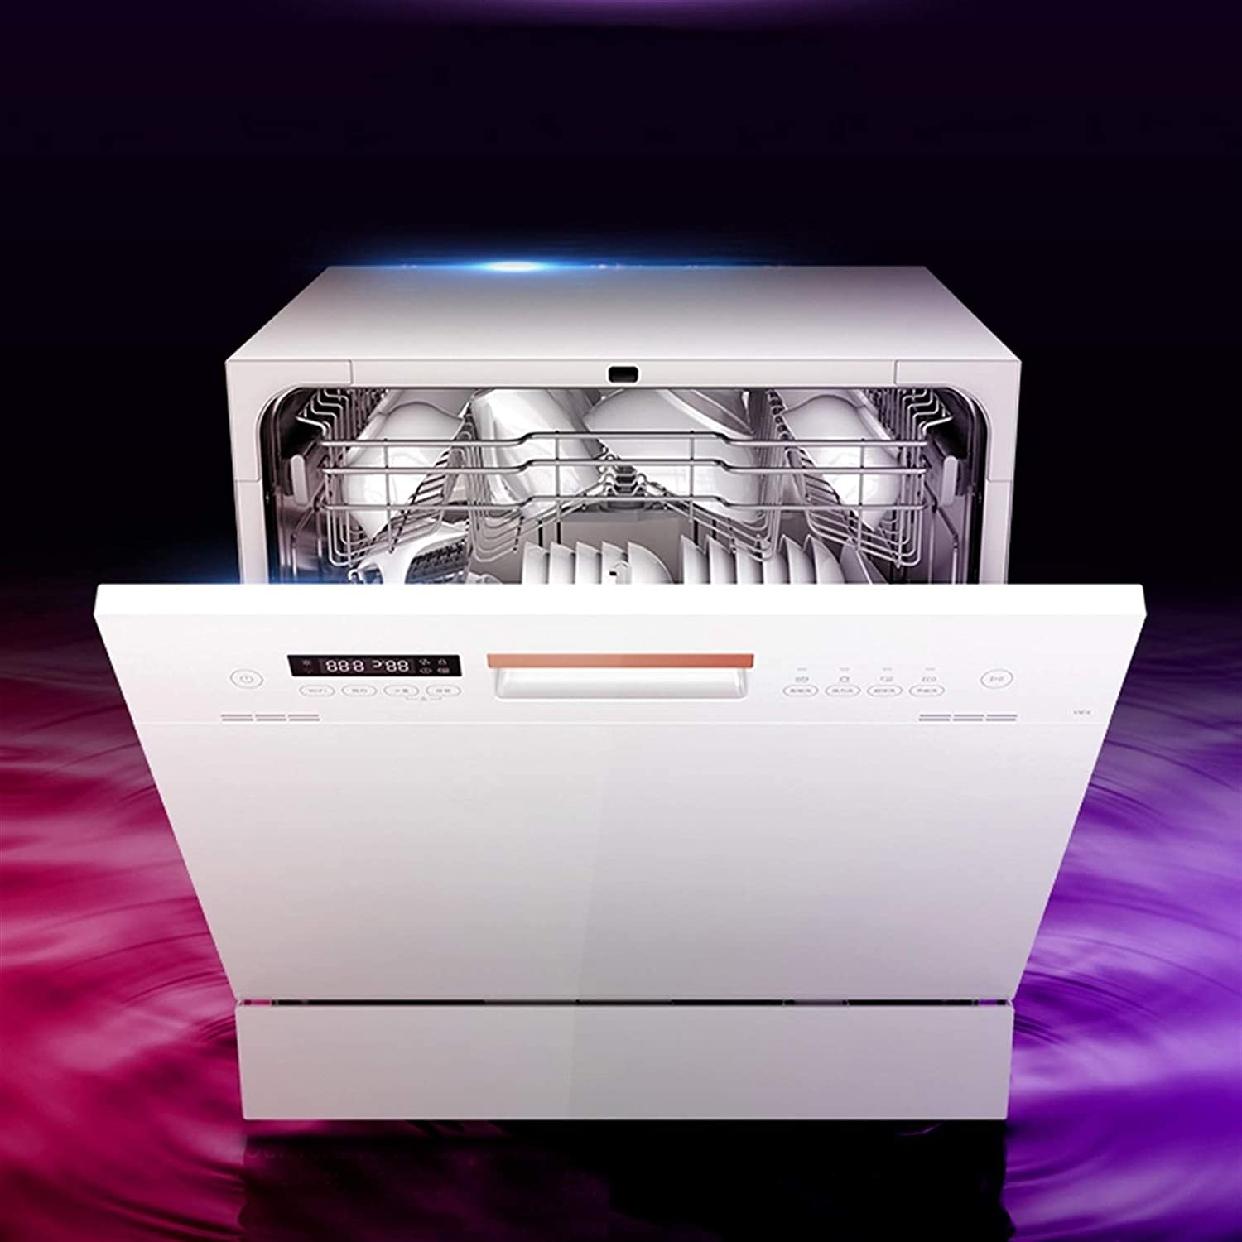 グオダシタンセン ビルトイン食器洗い乾燥機 ホワイトの商品画像6